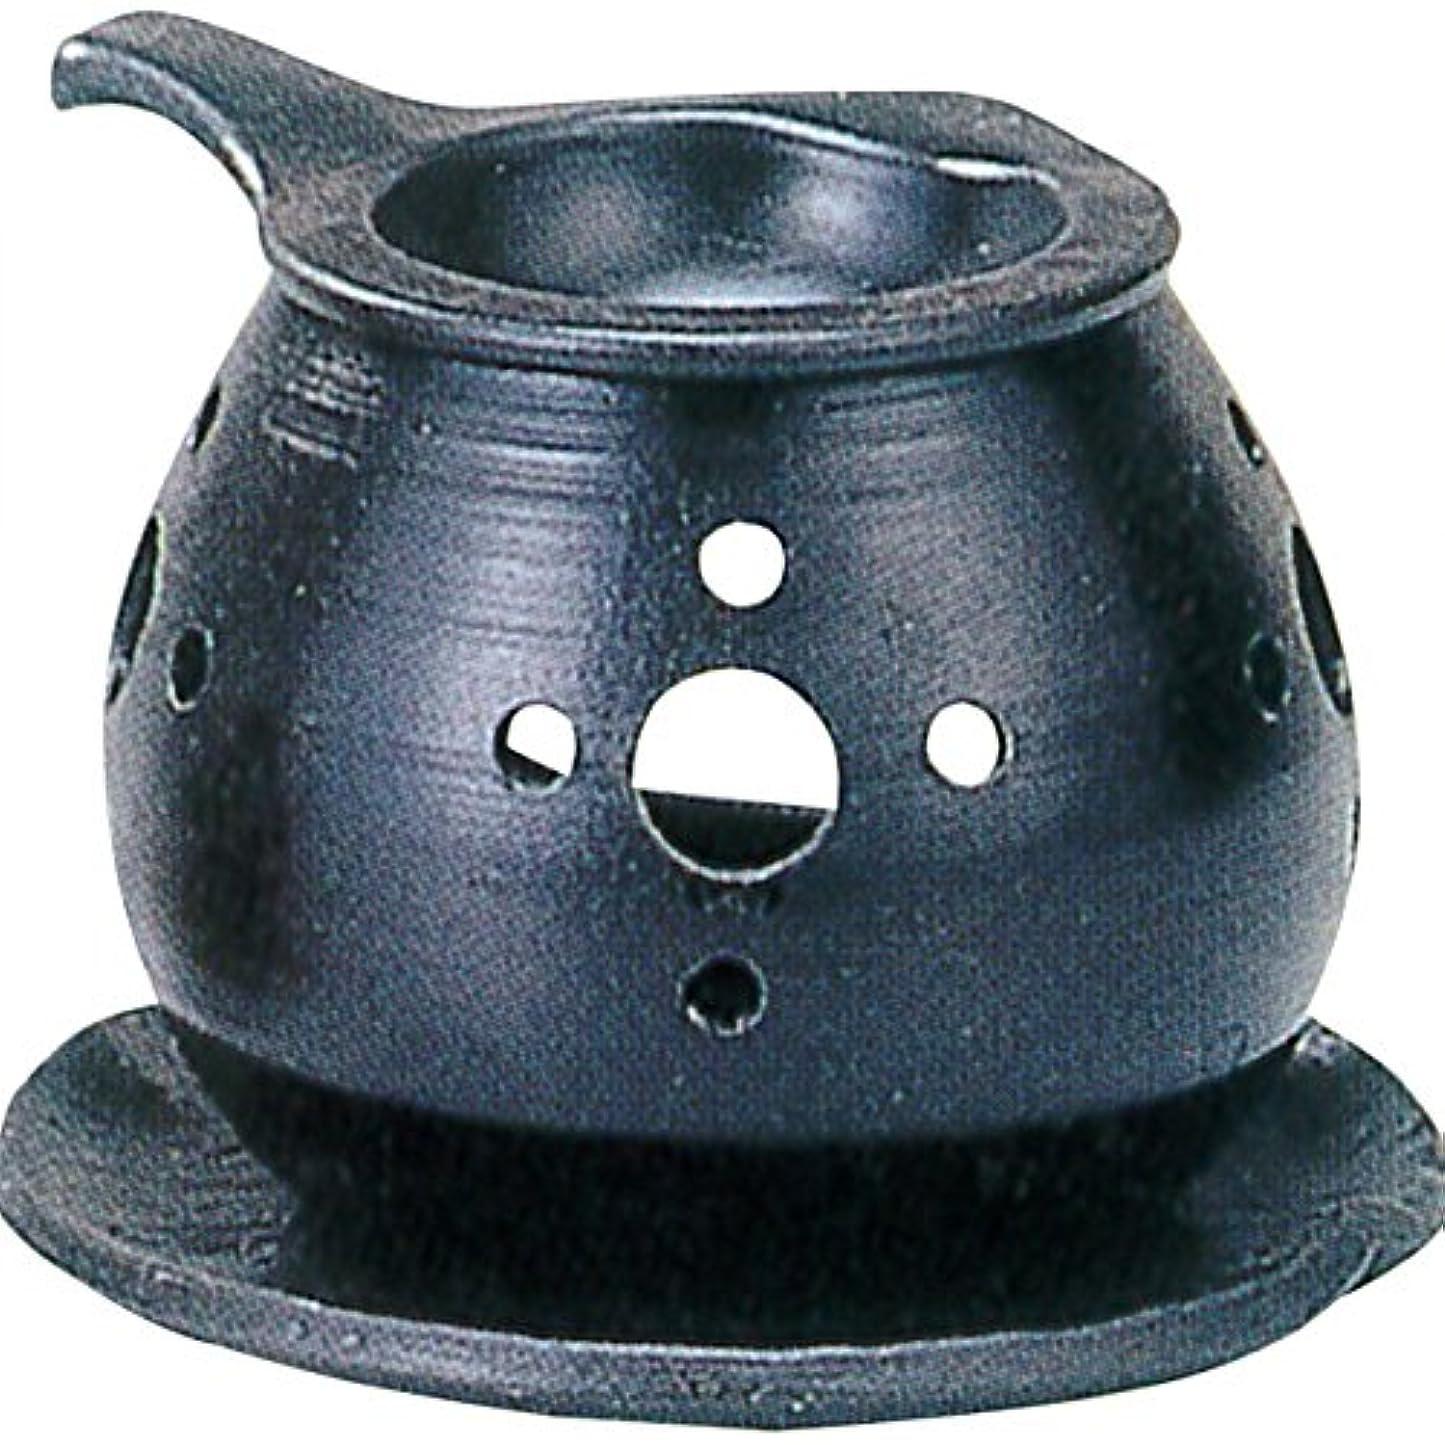 鎮痛剤チャンピオンシップ仮称茶香炉 : 常滑焼 間宮 茶香炉? ル35-03